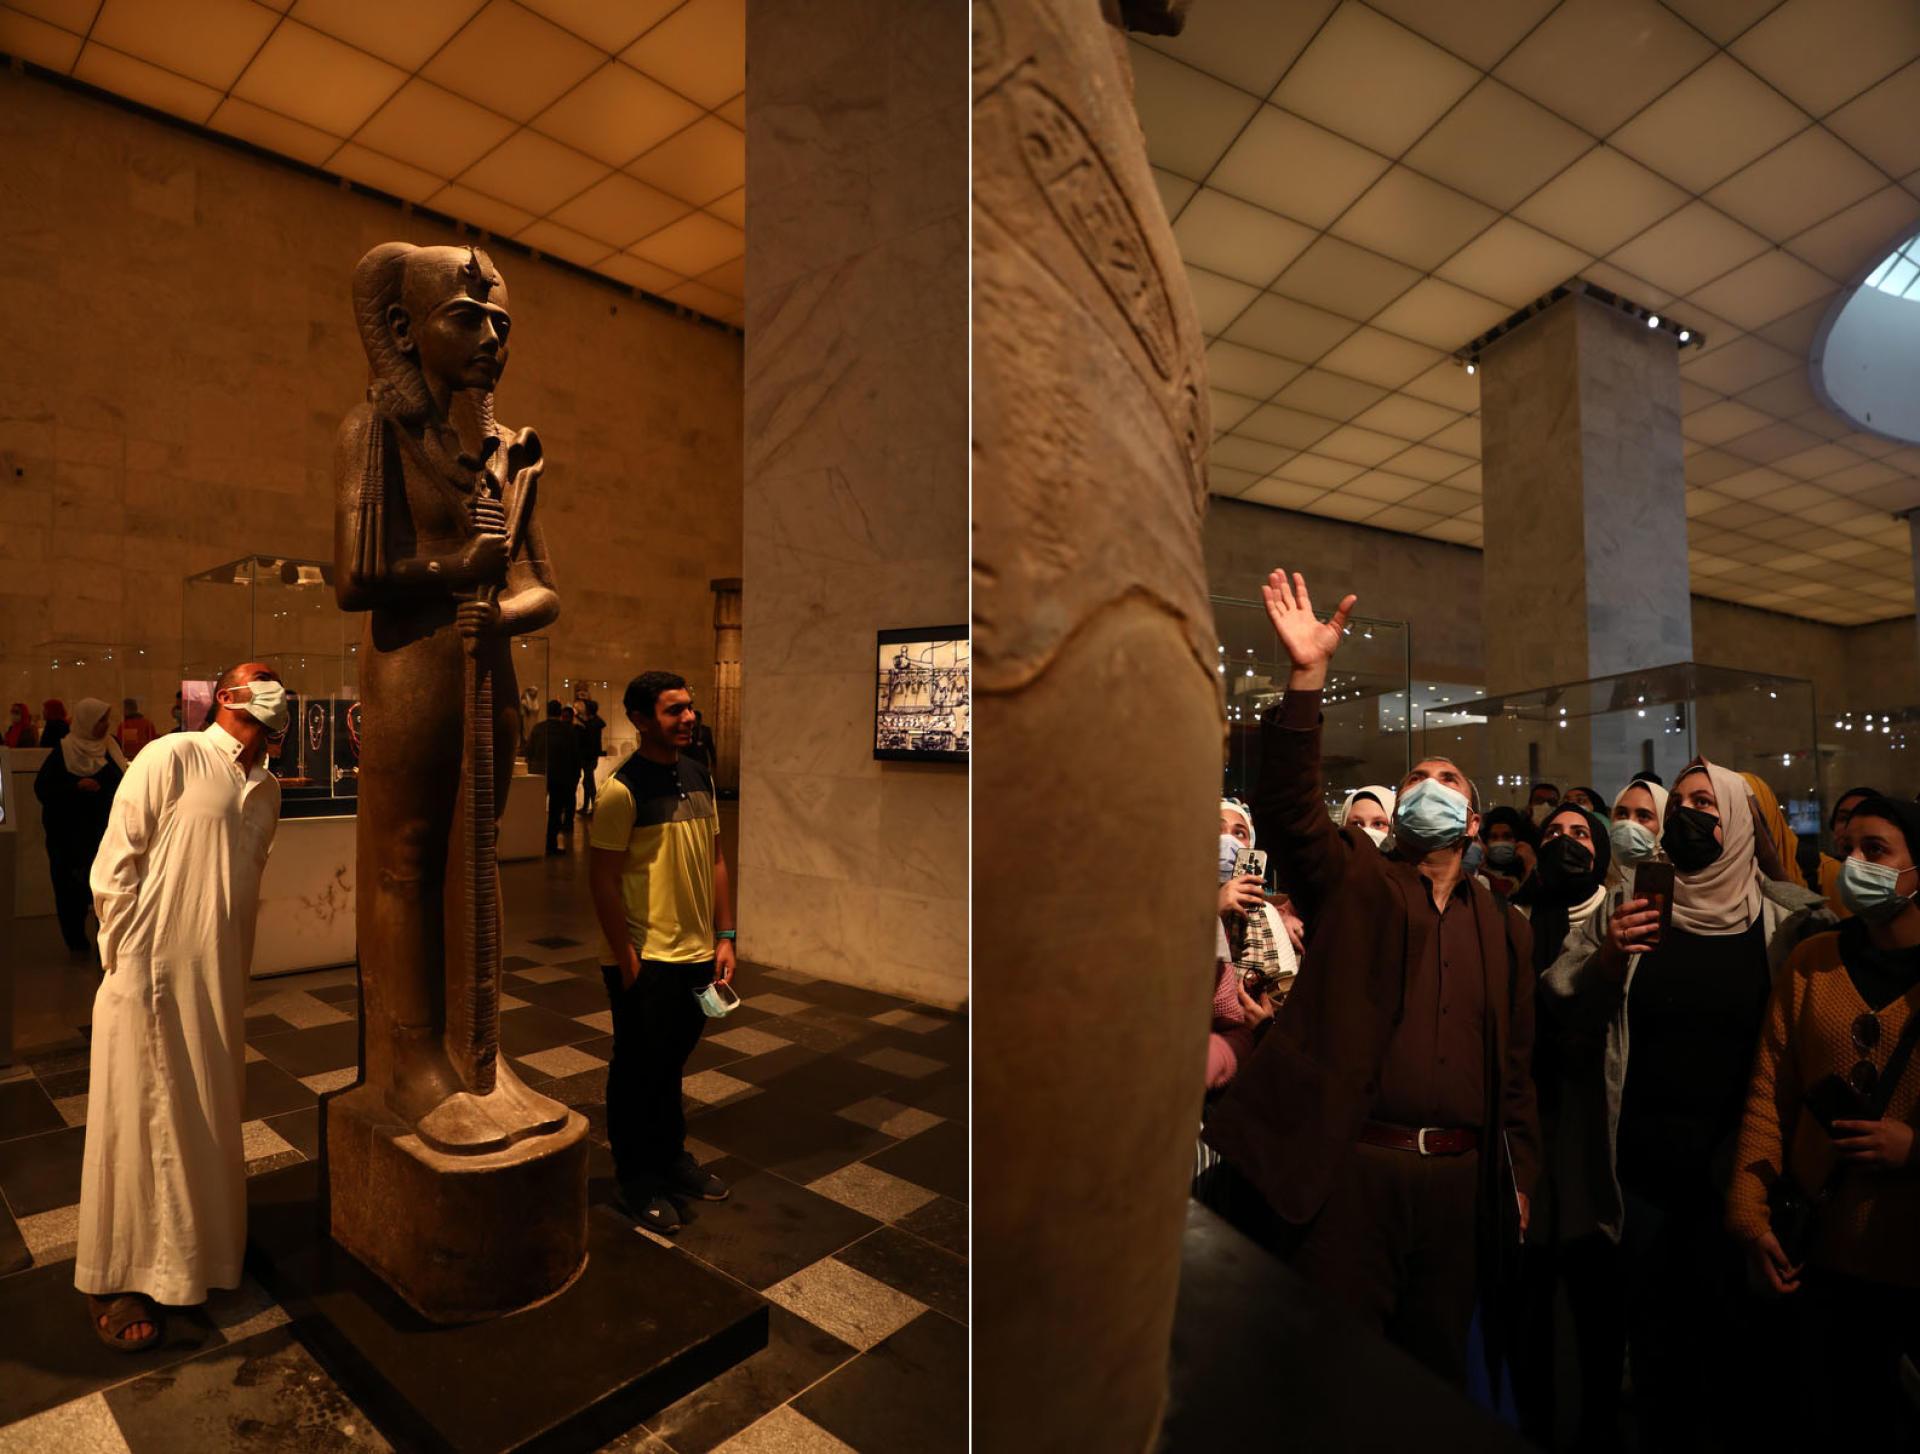 Les visiteurs examinent une statue de granit de Khonsu, l'ancien dieu égyptien de la Lune (à gauche), et les étudiants du département des antiquités de l'Université de Zagazig écoutent les commentaires sur le buste du roi Akhenaton (à droite), au Musée national de la civilisation égyptienne du Caire,le 4 avril 2021.